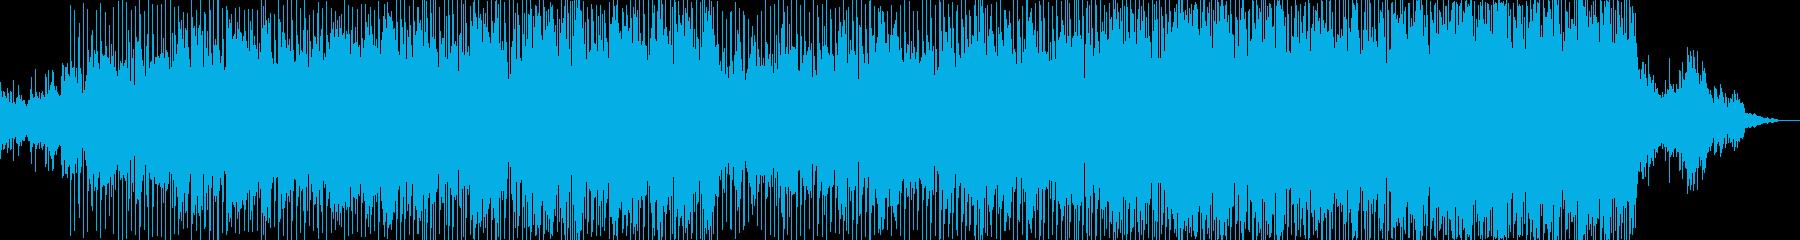 ここから始まるわくわく感のある爽やかな曲の再生済みの波形